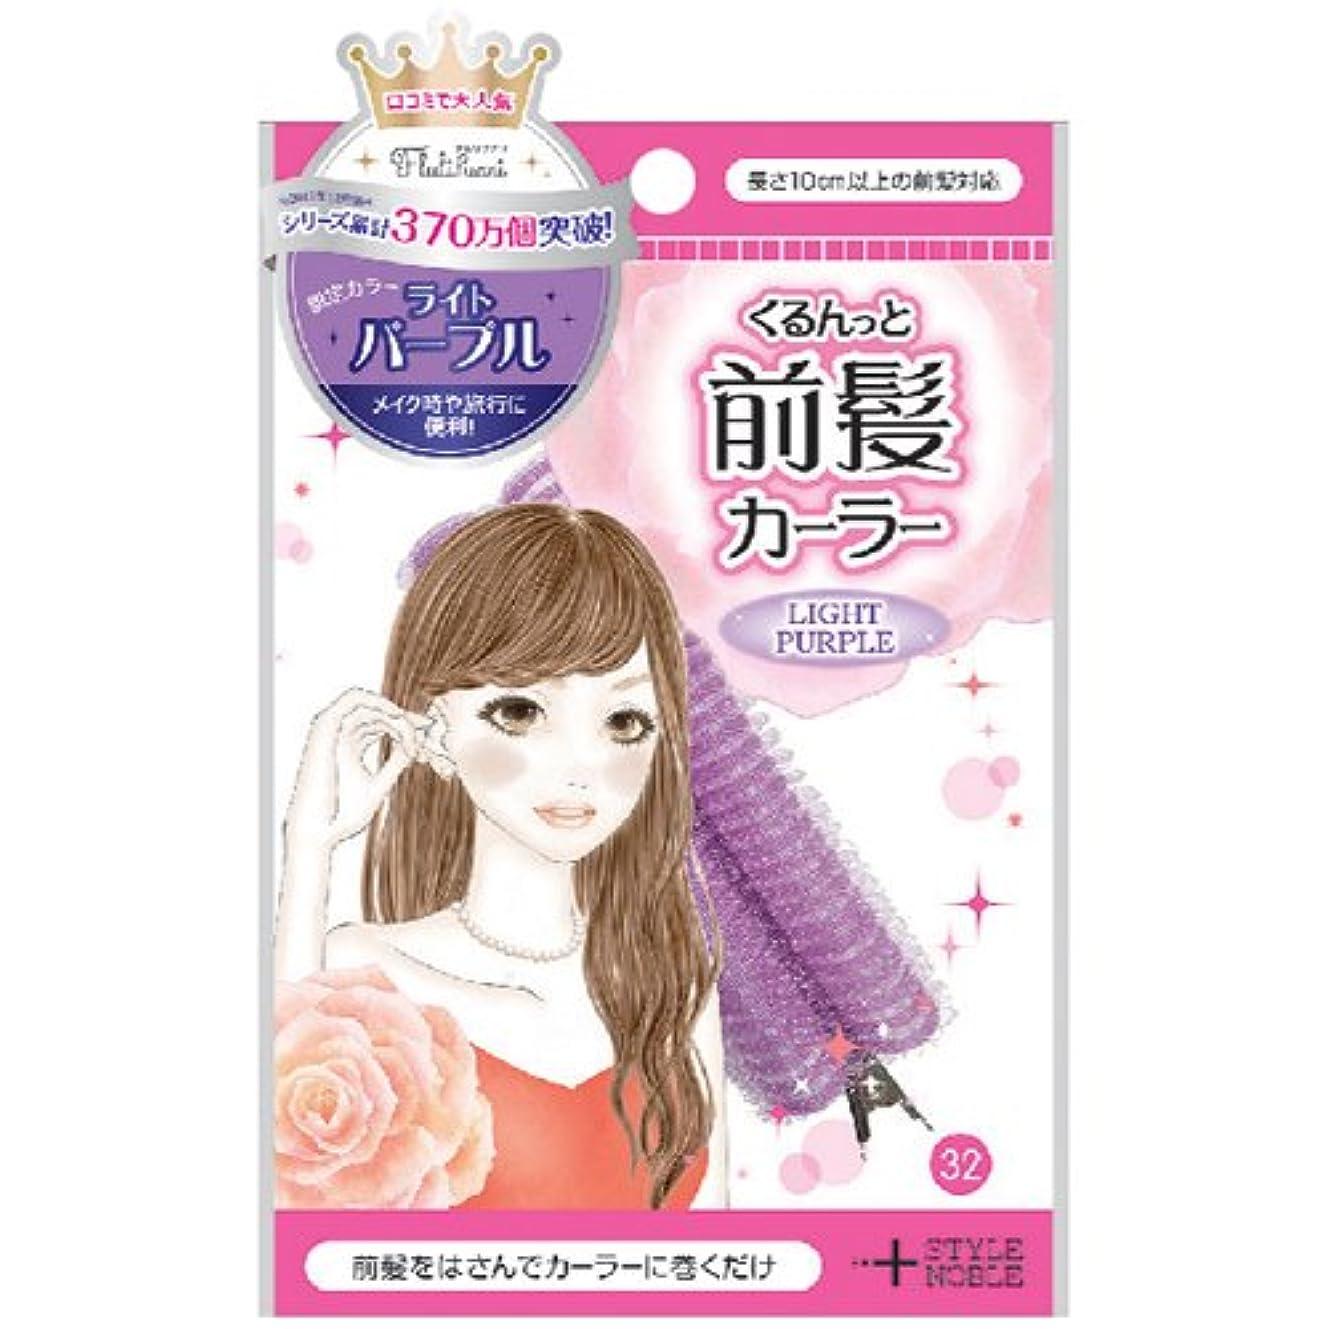 タイピストサラミ切るフルリフアリ+ くるんっと前髪カーラー ライトパープル (1個)